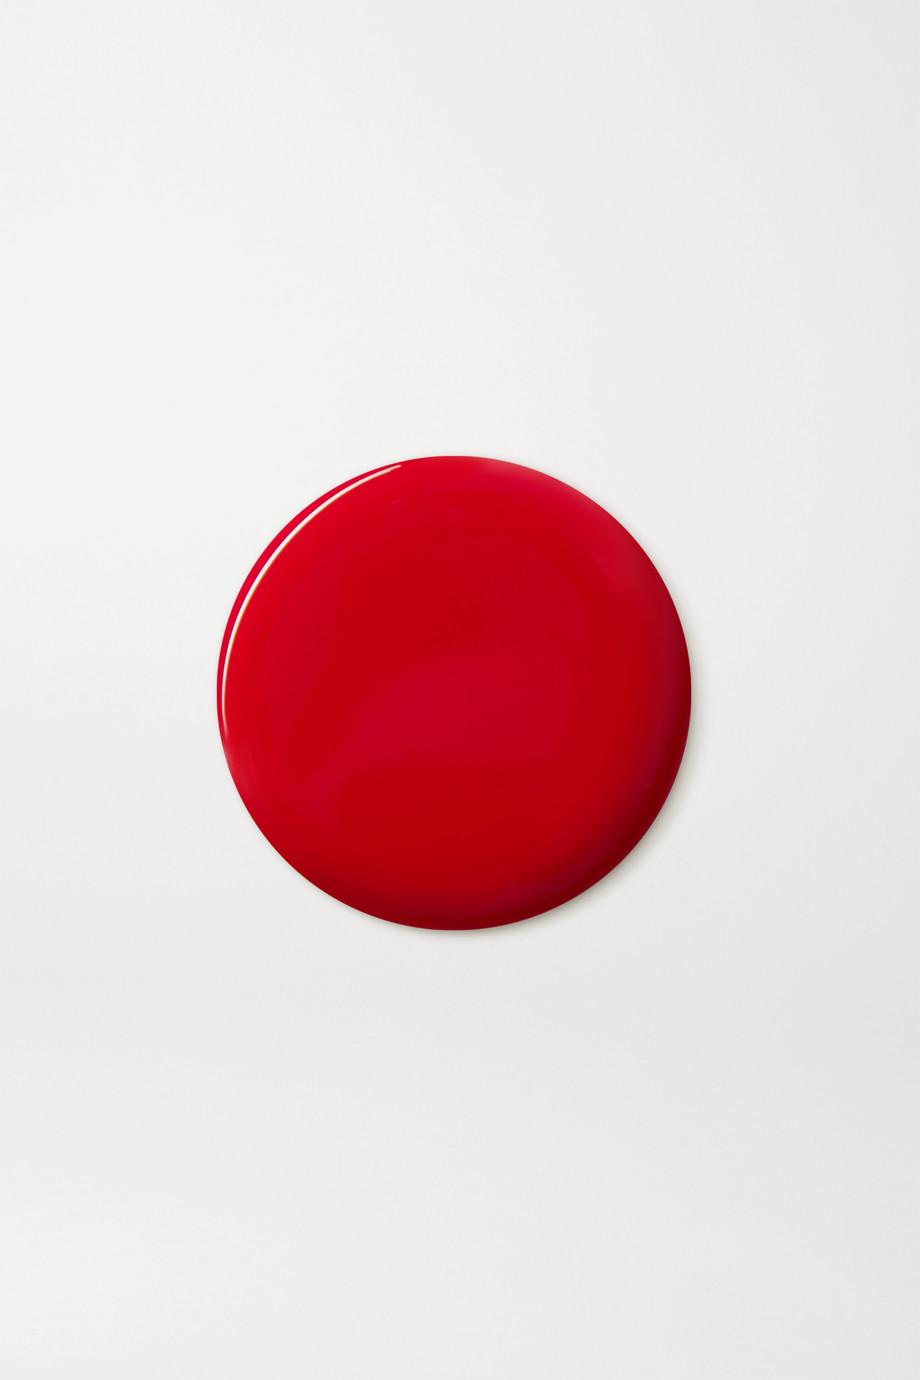 Christian Louboutin Beauty Matte Nail Color - Aimanta